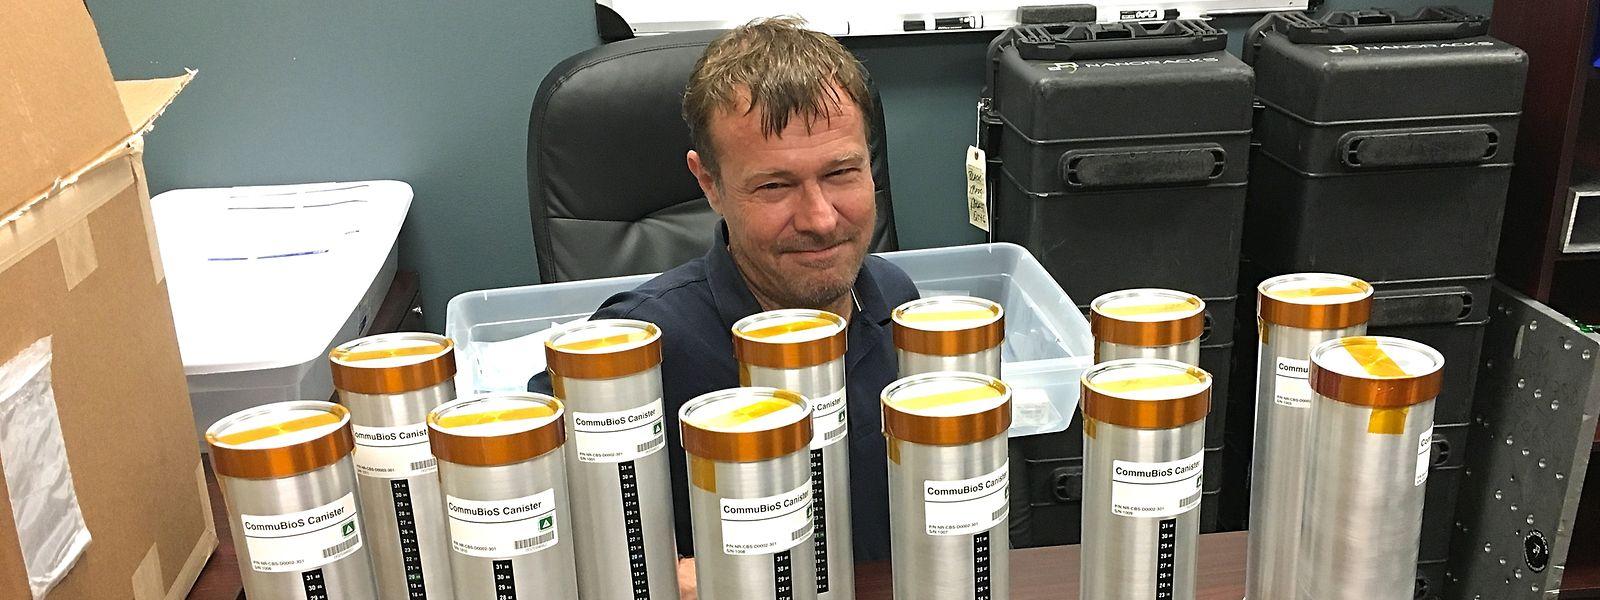 Interdiction pour les astronautes de la station orbitale européenne de goûter une seule goutte des grands crus expédiés depuis la Terre par Space Cargo Unlimited. Les échantillons sont juste là pour apaiser la soif de connaissances.